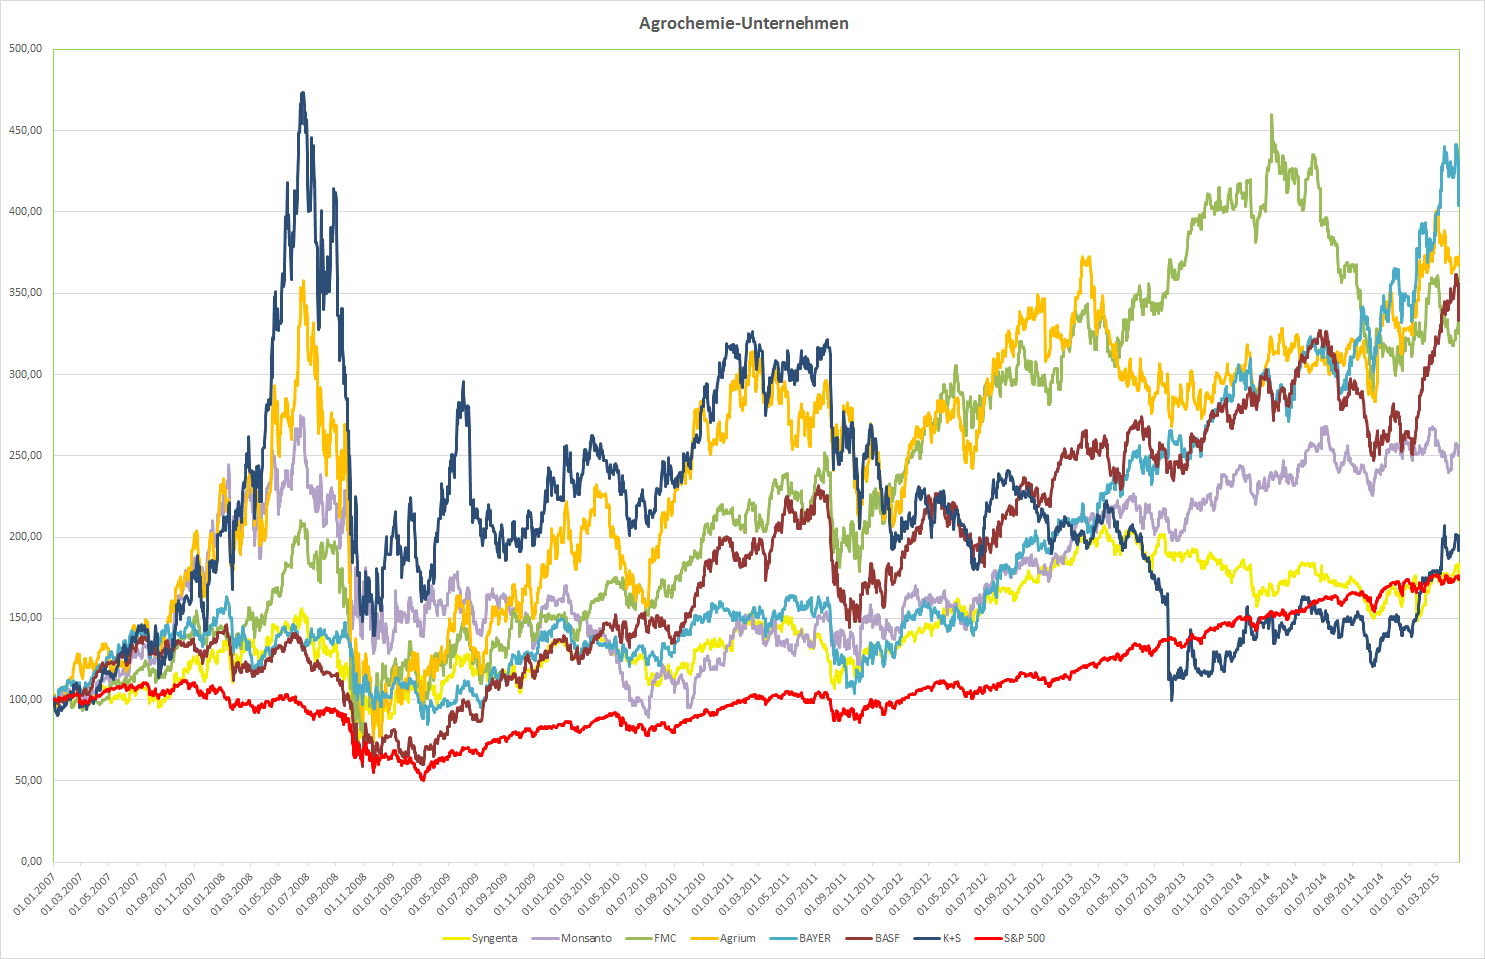 Kursentwicklung der Agrochemie-Unternehmen im Vergleich zum S&P 500 seit 2007